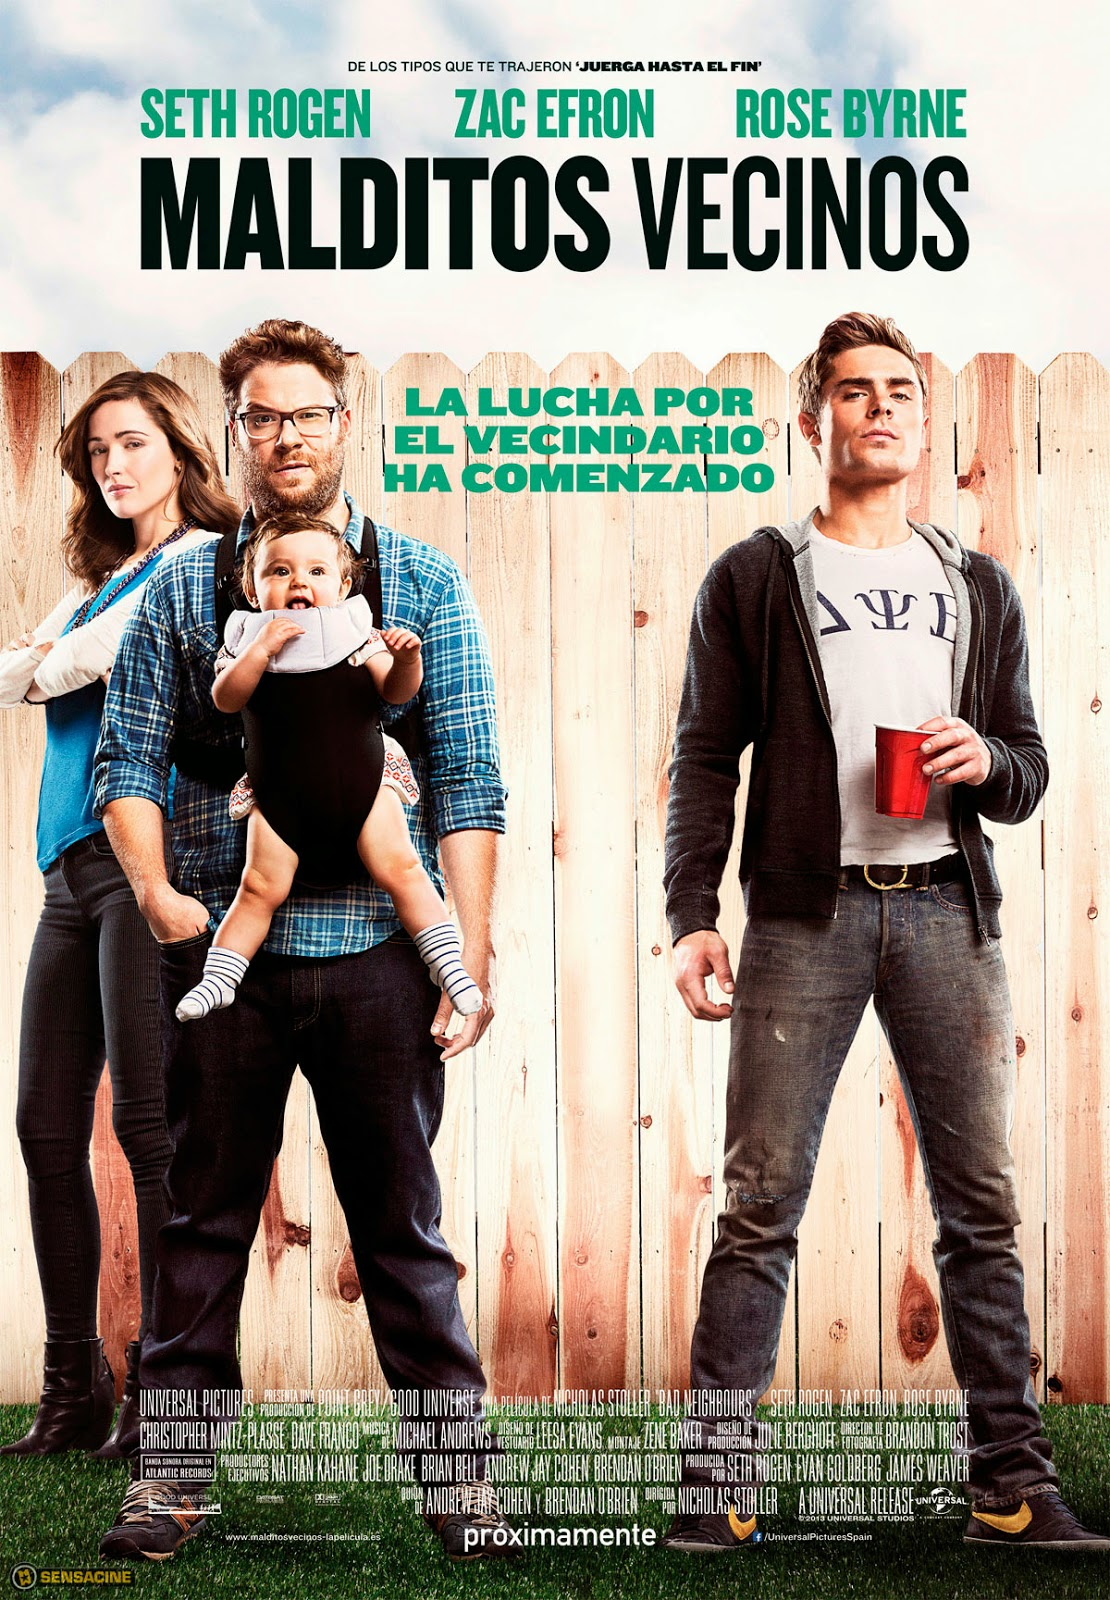 Malditos Vecinos: Ver gratis online streaming en español. Película en vivo sin cortes, sin descarga, ni torrent.